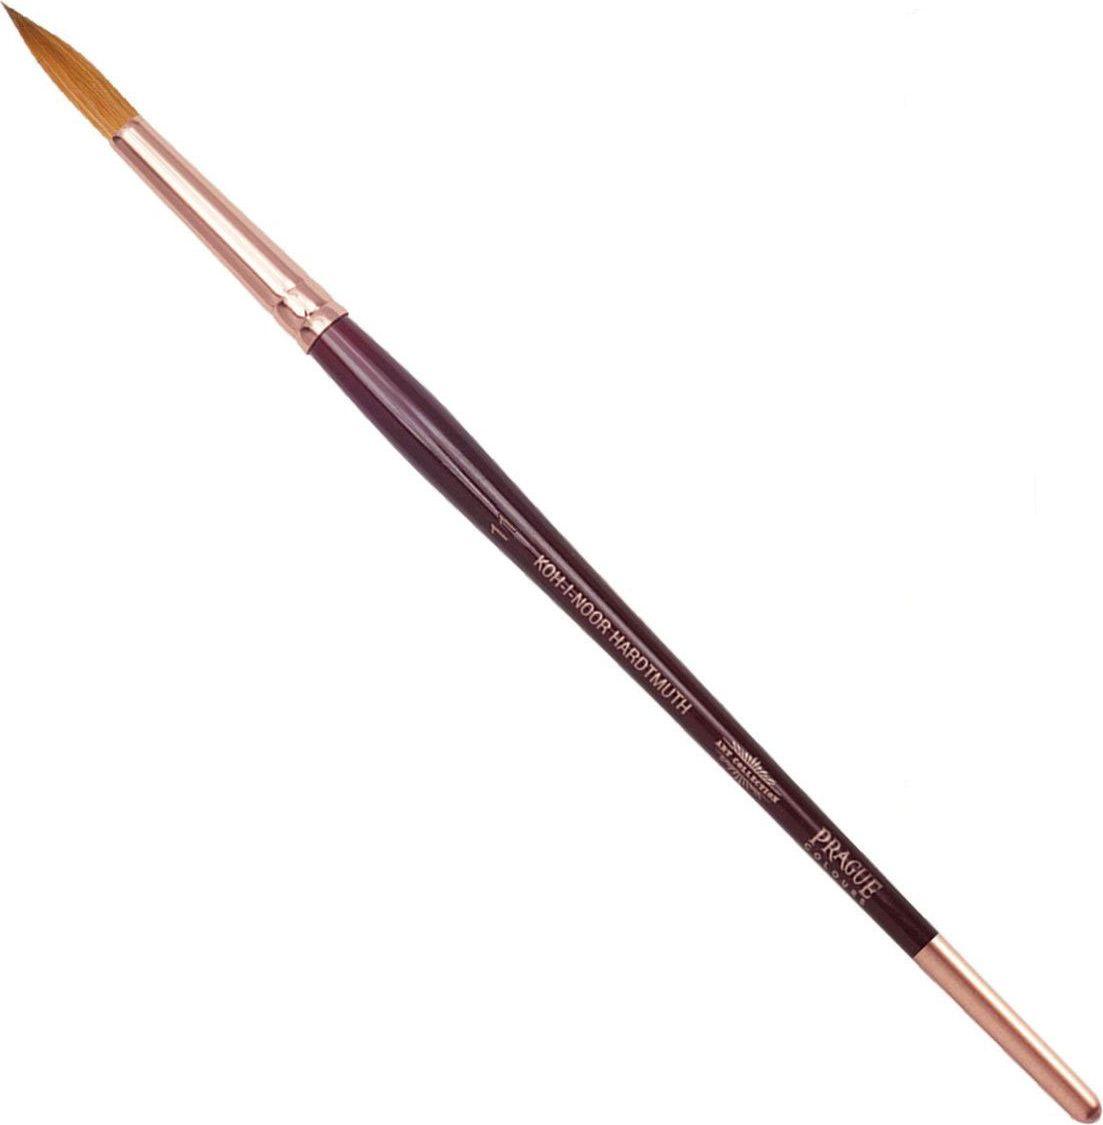 Koh-I-Noor Кисть колонок круглая №11 короткая ручка200402Высококачественная кисть из натурального волоса колонка. Волос прекрасно сохраняет форму, не ломается, впитывает влагу и хорошо моется под проточной струей воды. Подходит для акварели и индийских красок.